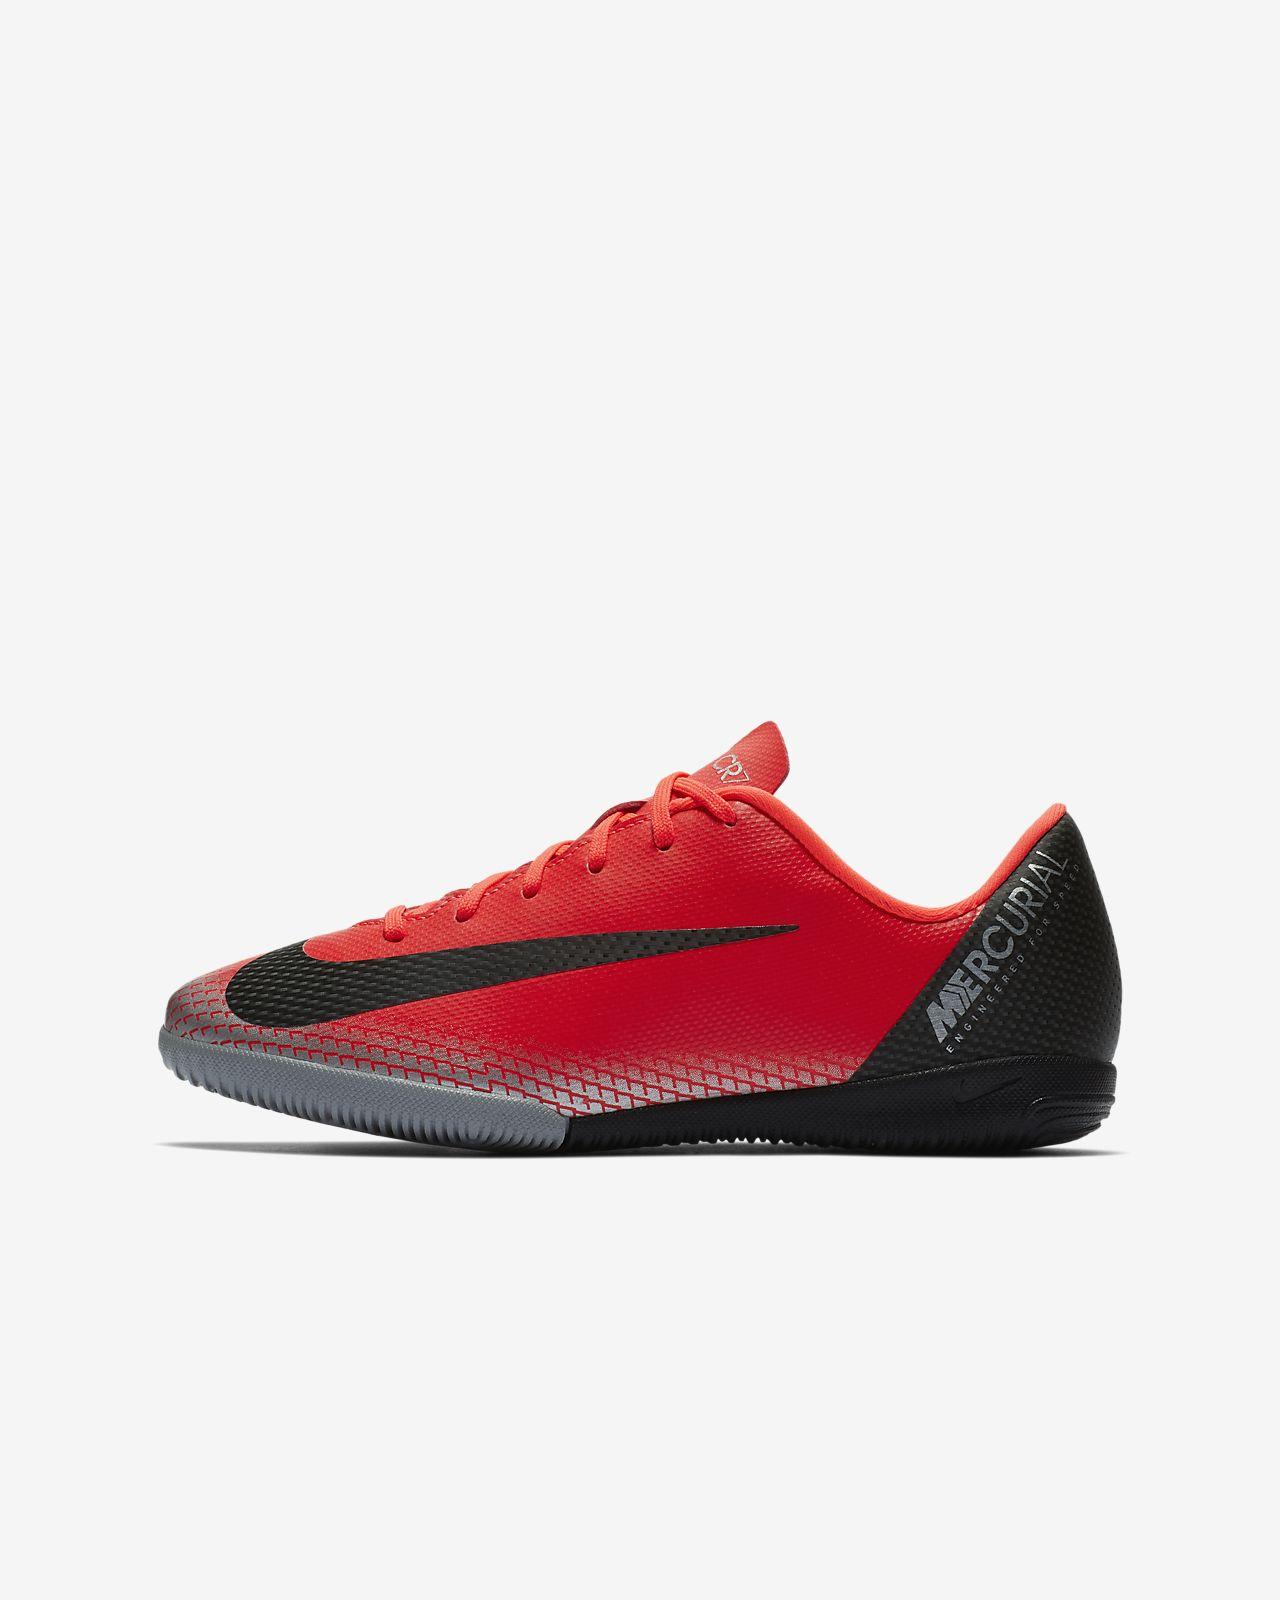 Футбольные бутсы для игры в зале/на крытом поле для дошкольников/школьников Nike Jr. MercurialX Vapor XII Academy CR7 IC